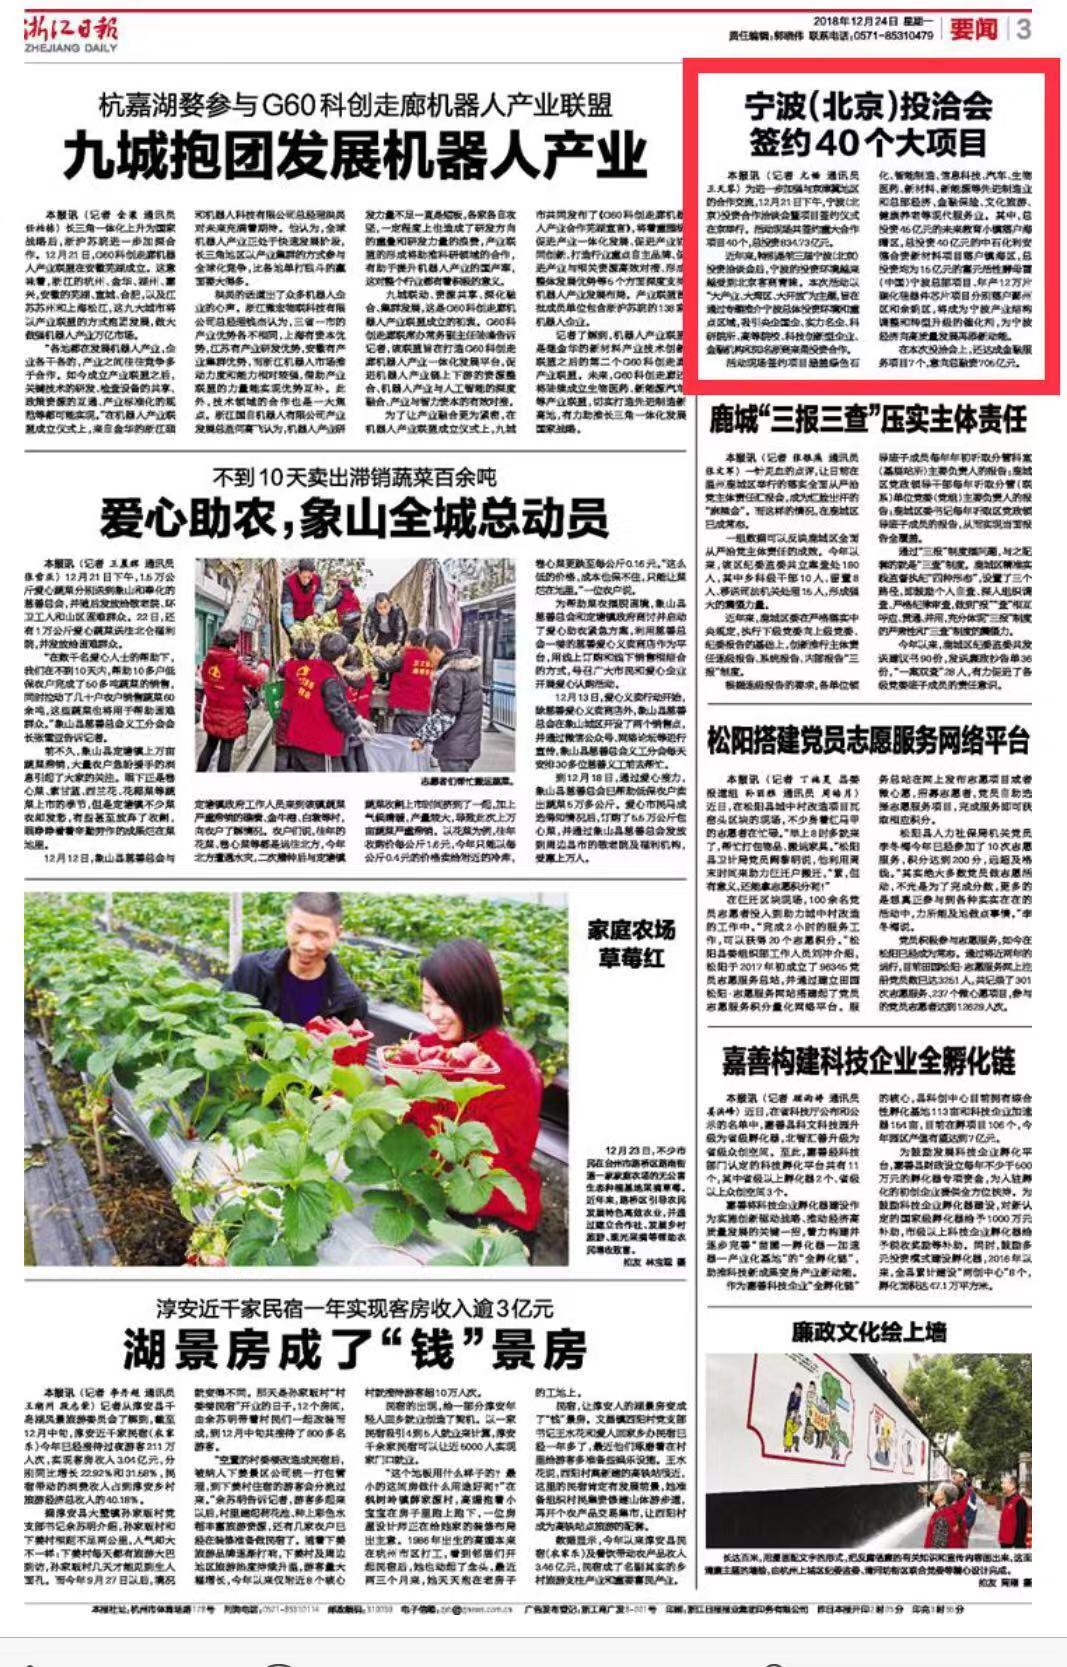 浙报关注丨宁波(北京)投洽会 签约40个大项目